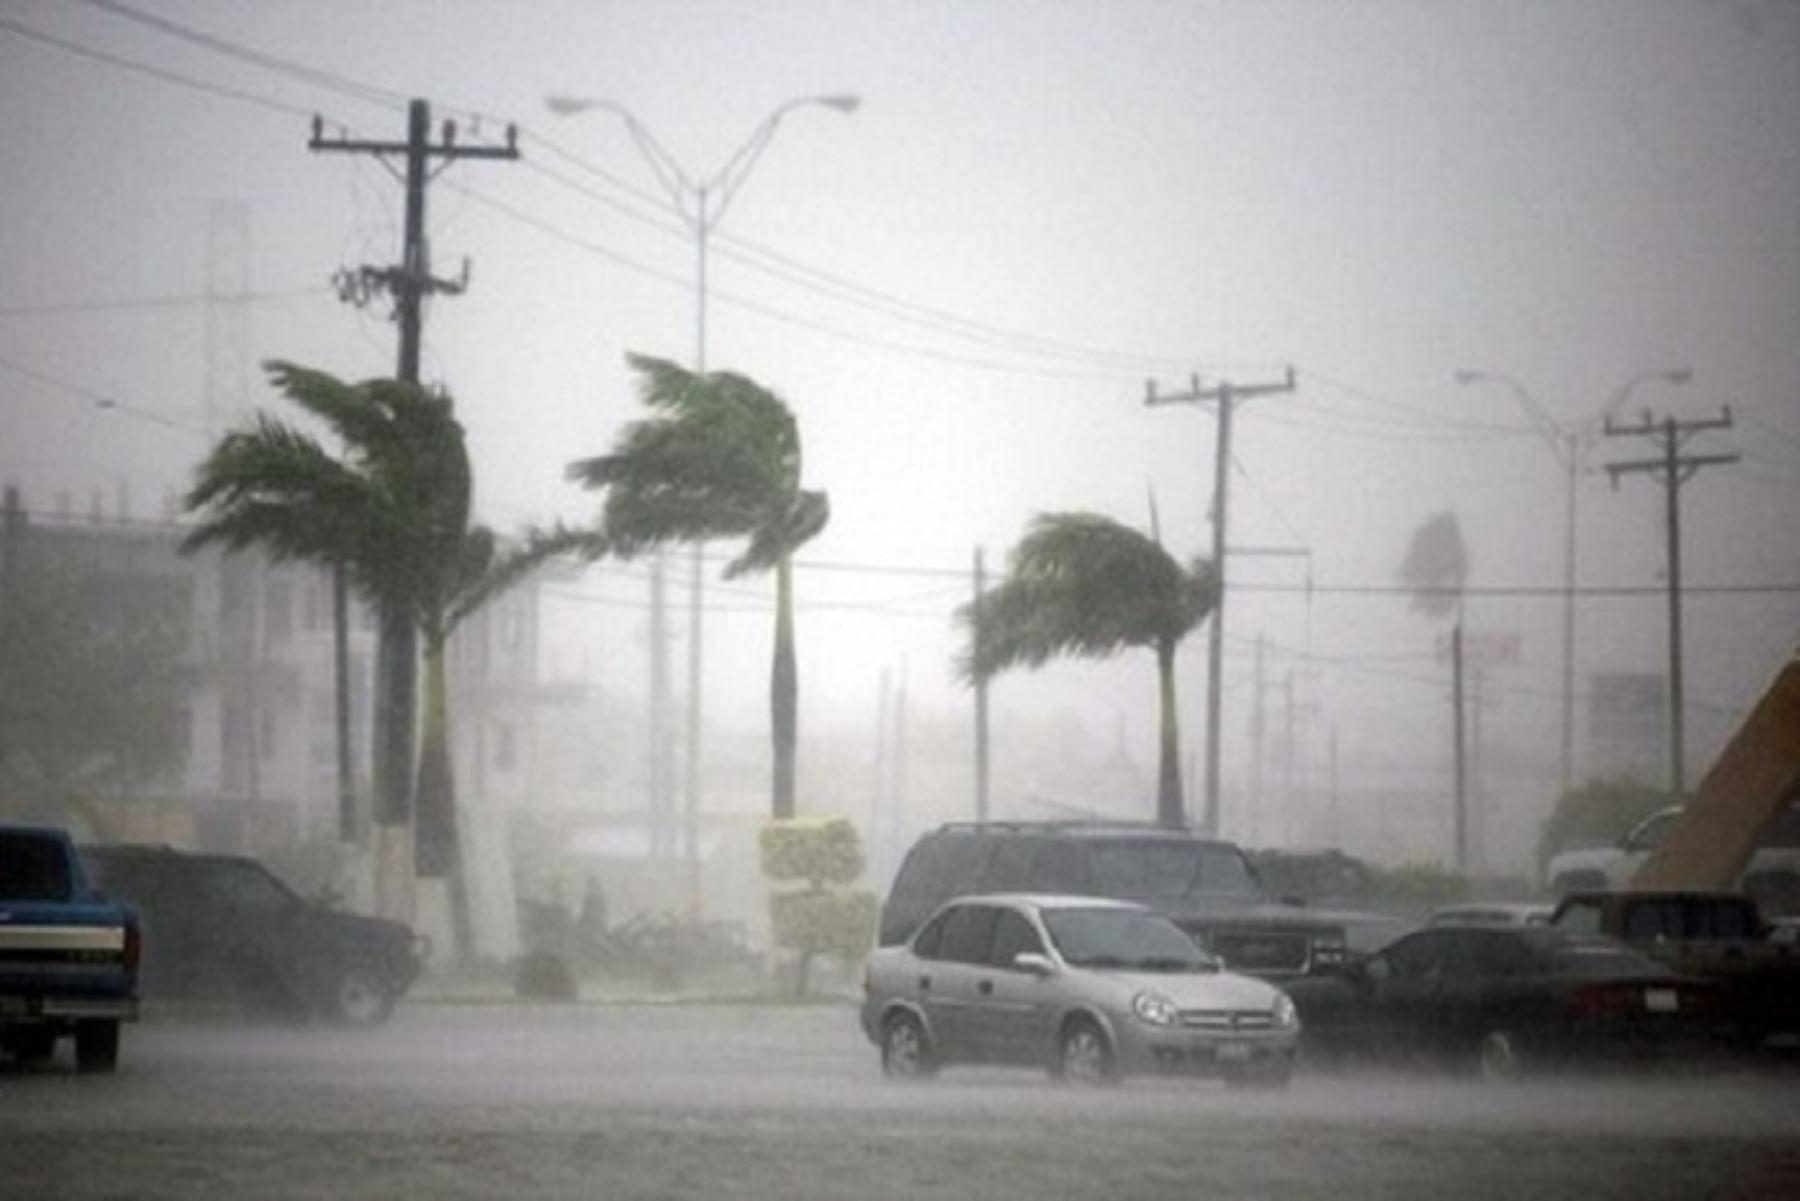 ¡Cuidado con el viento! Velocidades superarán los 40 km/h en la costa de Ica. ANDINA/Difusión